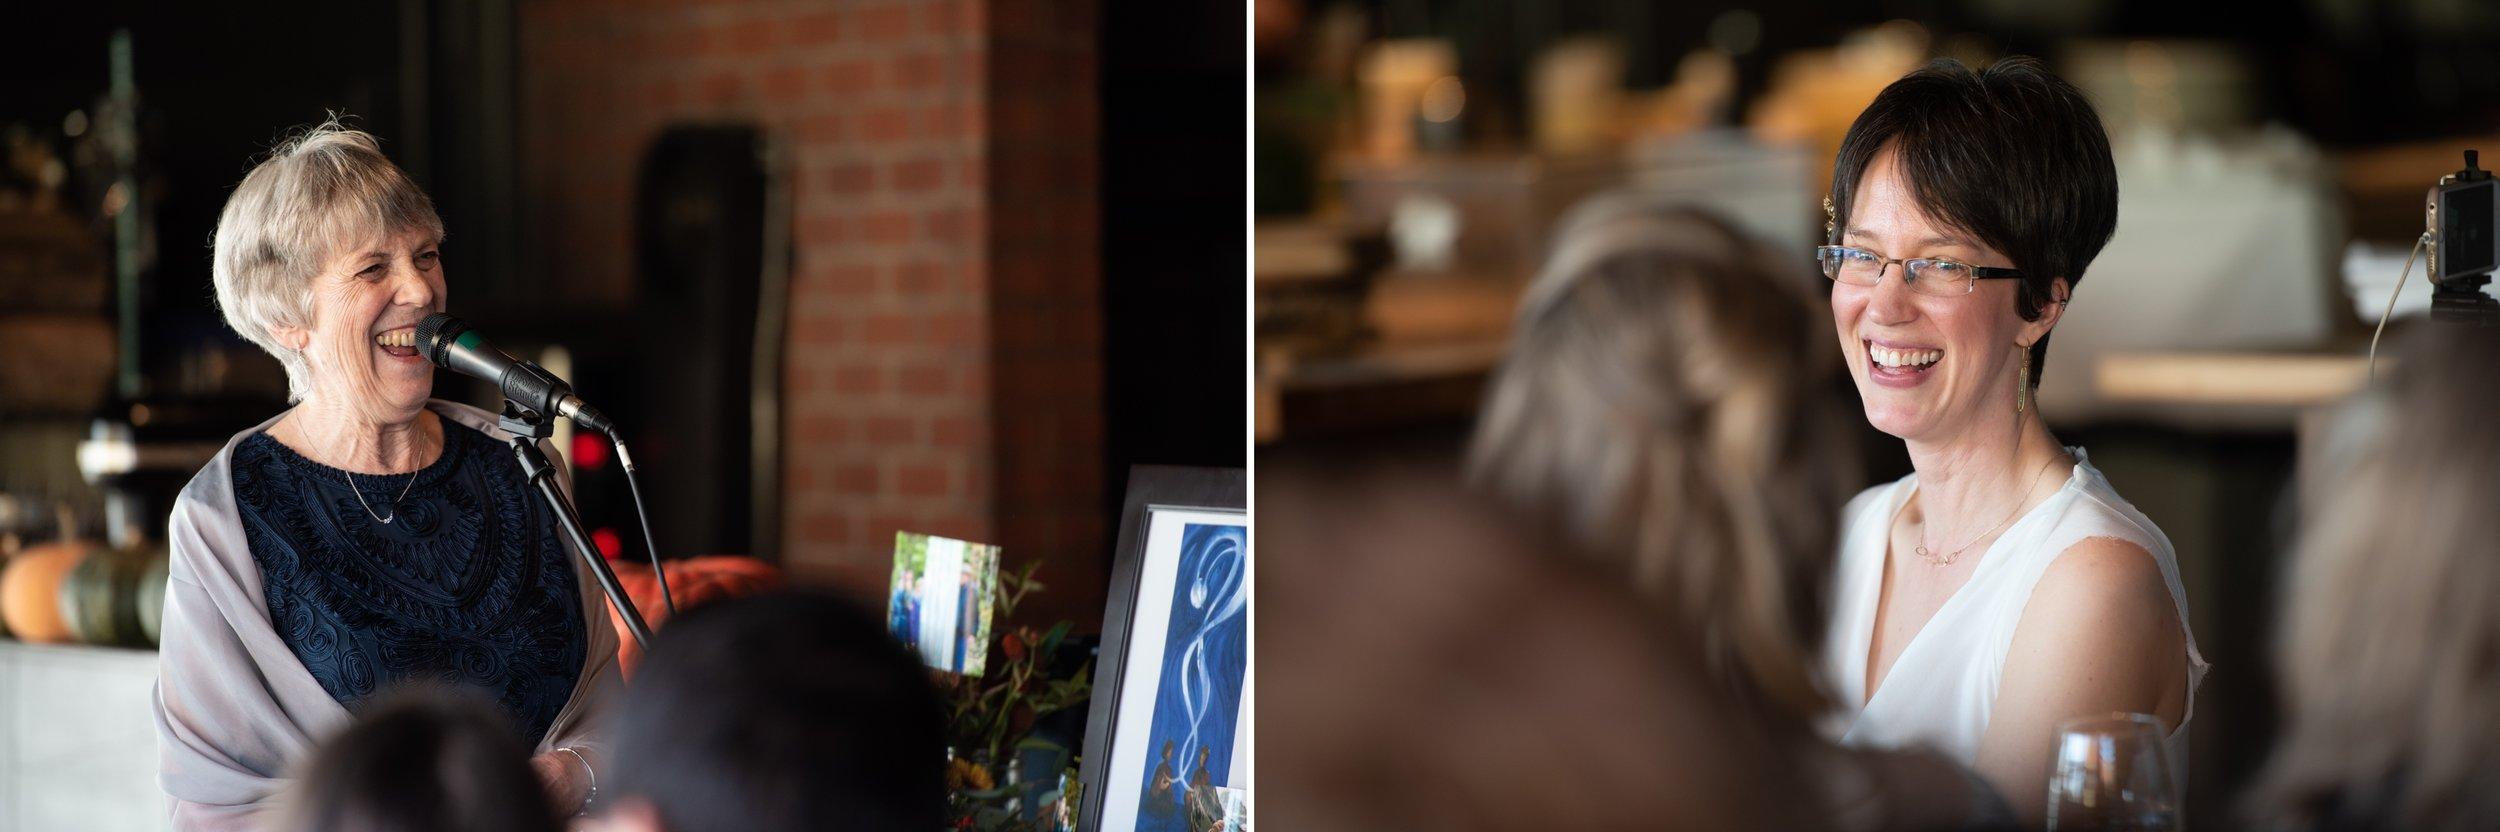 Jeannie + Rebekah wedding 2 20.jpg